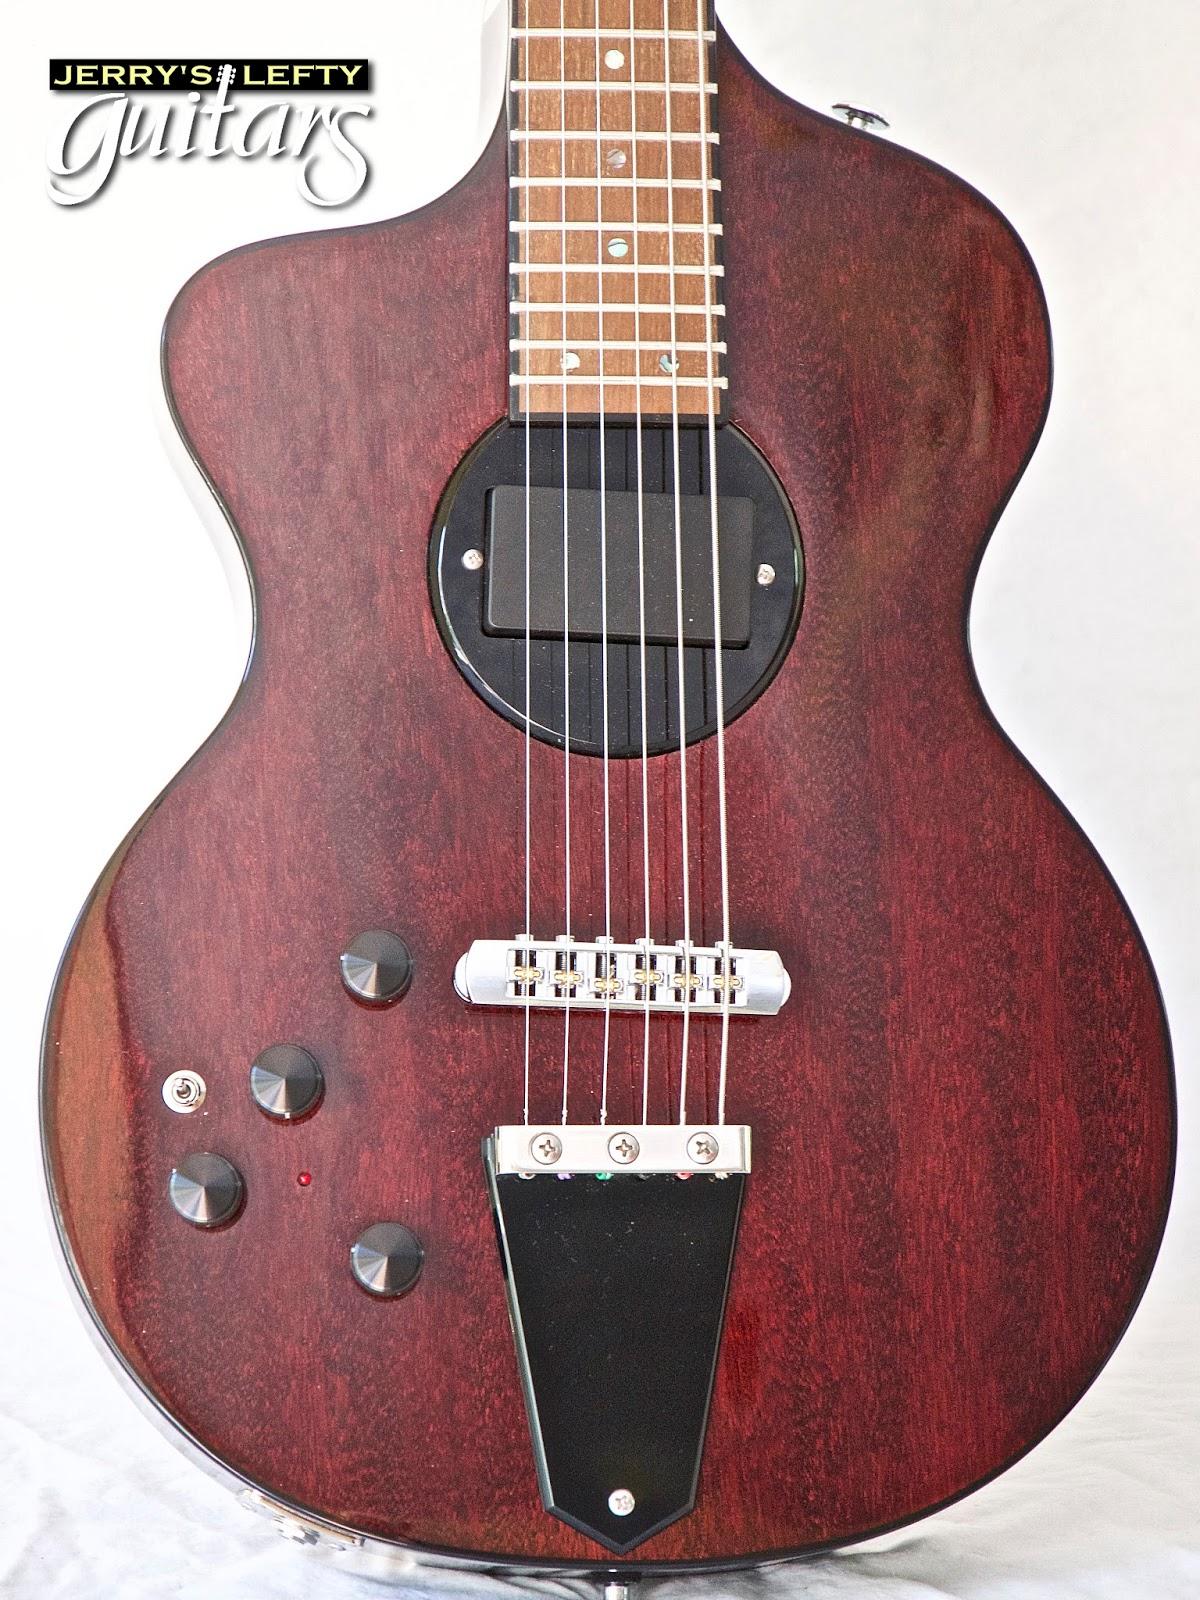 jerry 39 s lefty guitars newest guitar arrivals updated weekly rick turner model one left handed. Black Bedroom Furniture Sets. Home Design Ideas